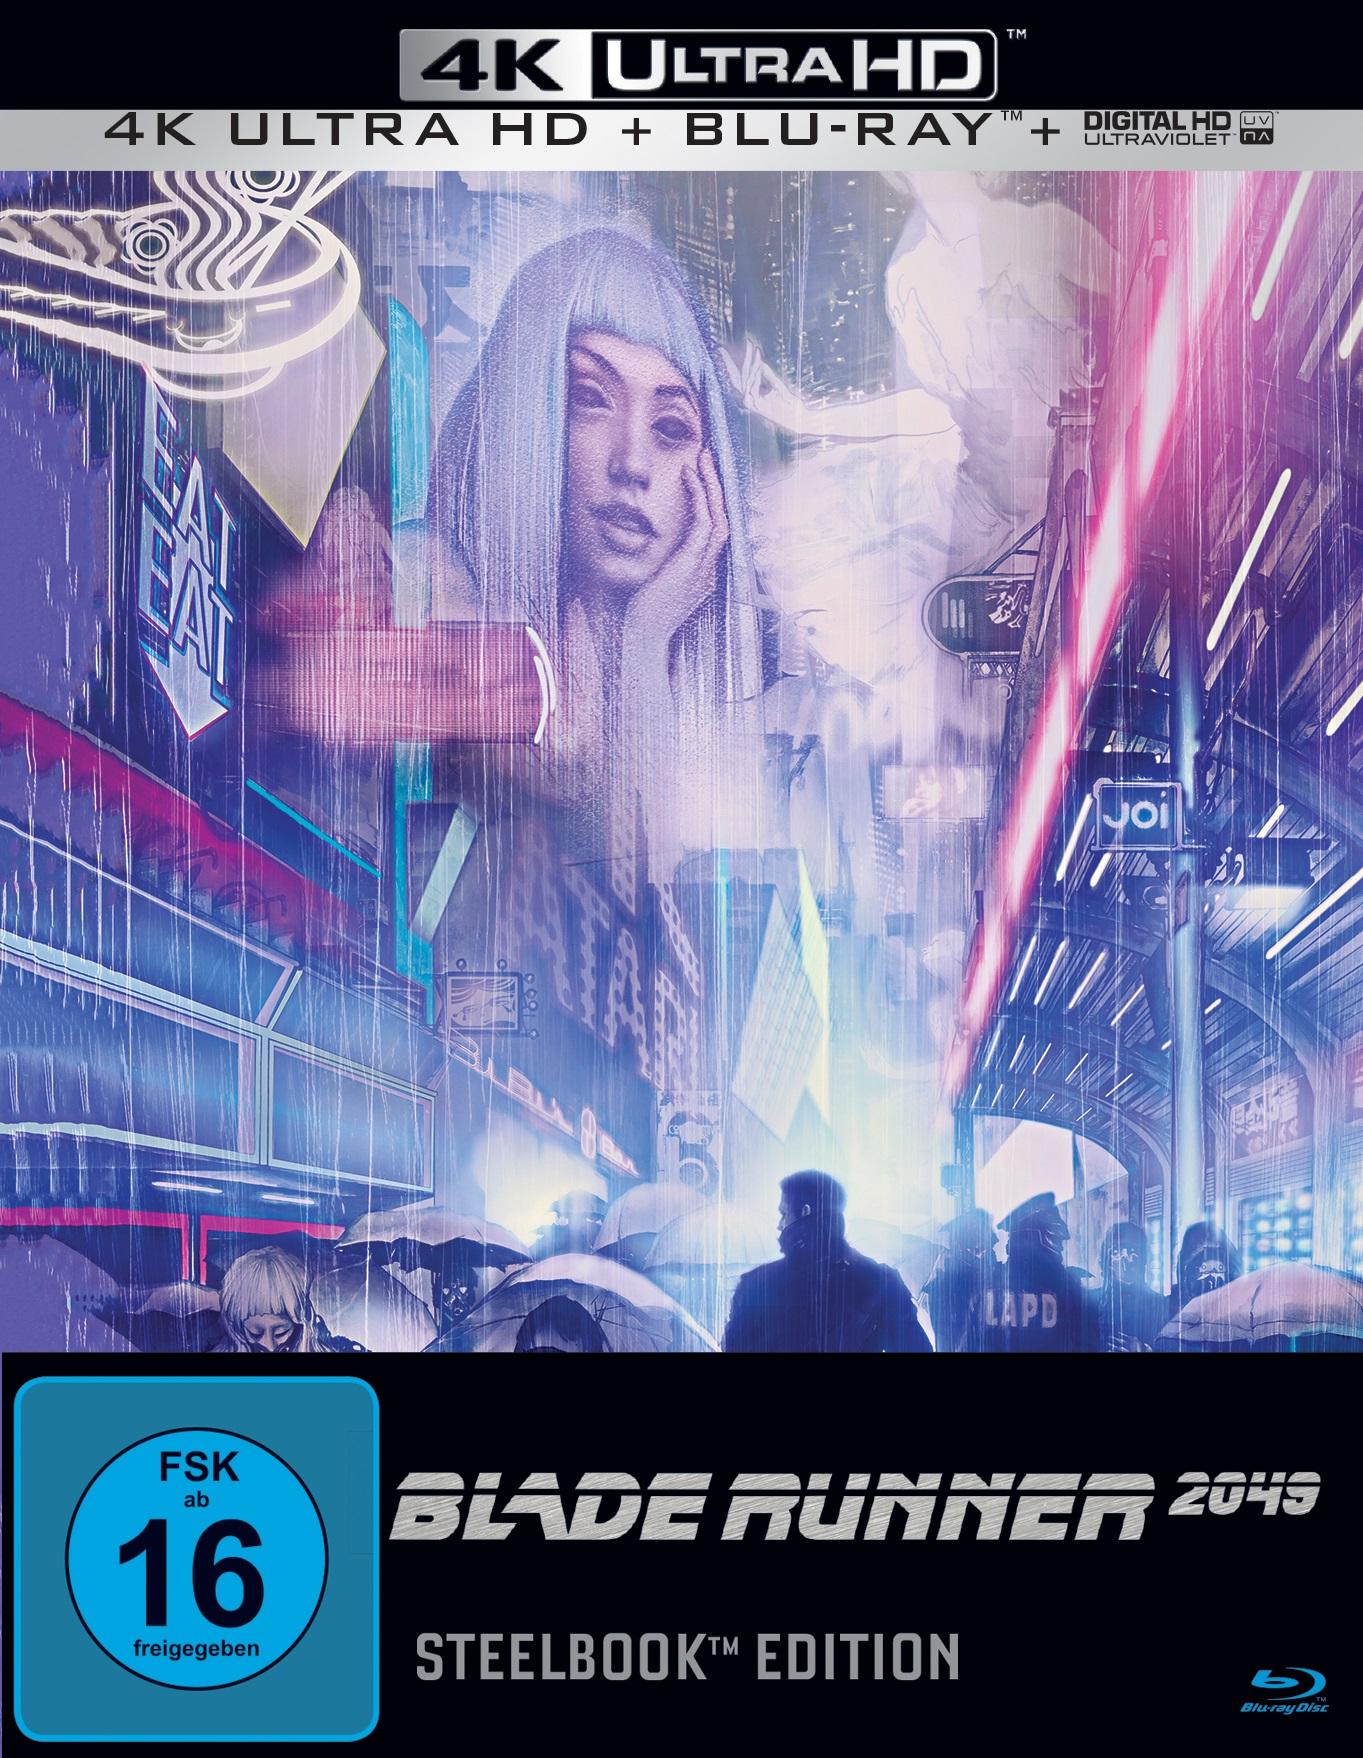 UHD Blu-ray Kritik | Blade Runner 2049 (4K Review, Rezension)